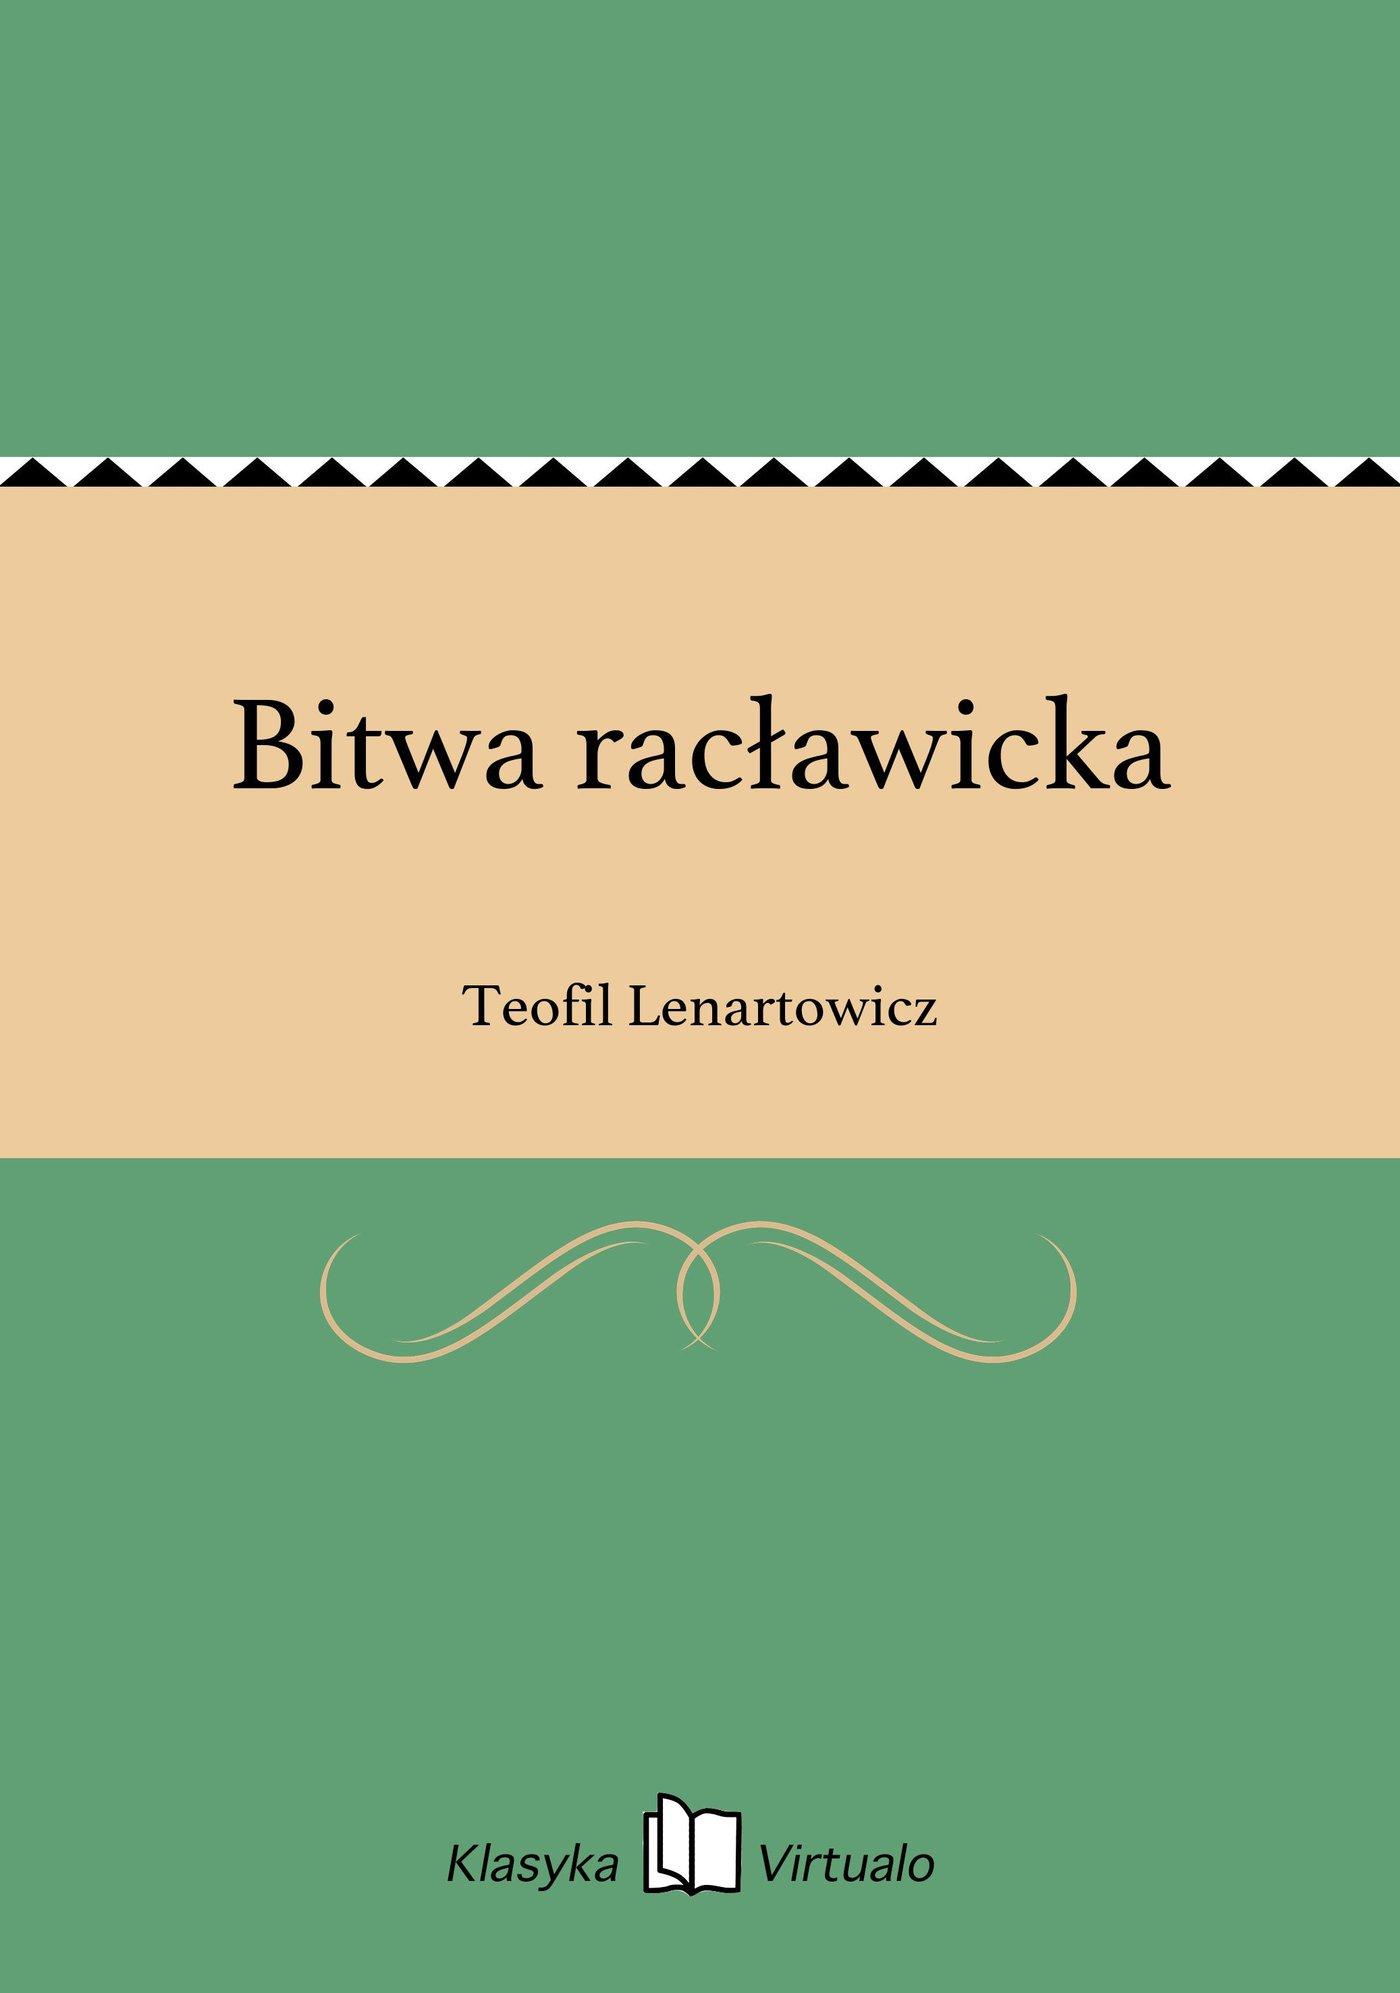 Bitwa racławicka - Ebook (Książka EPUB) do pobrania w formacie EPUB